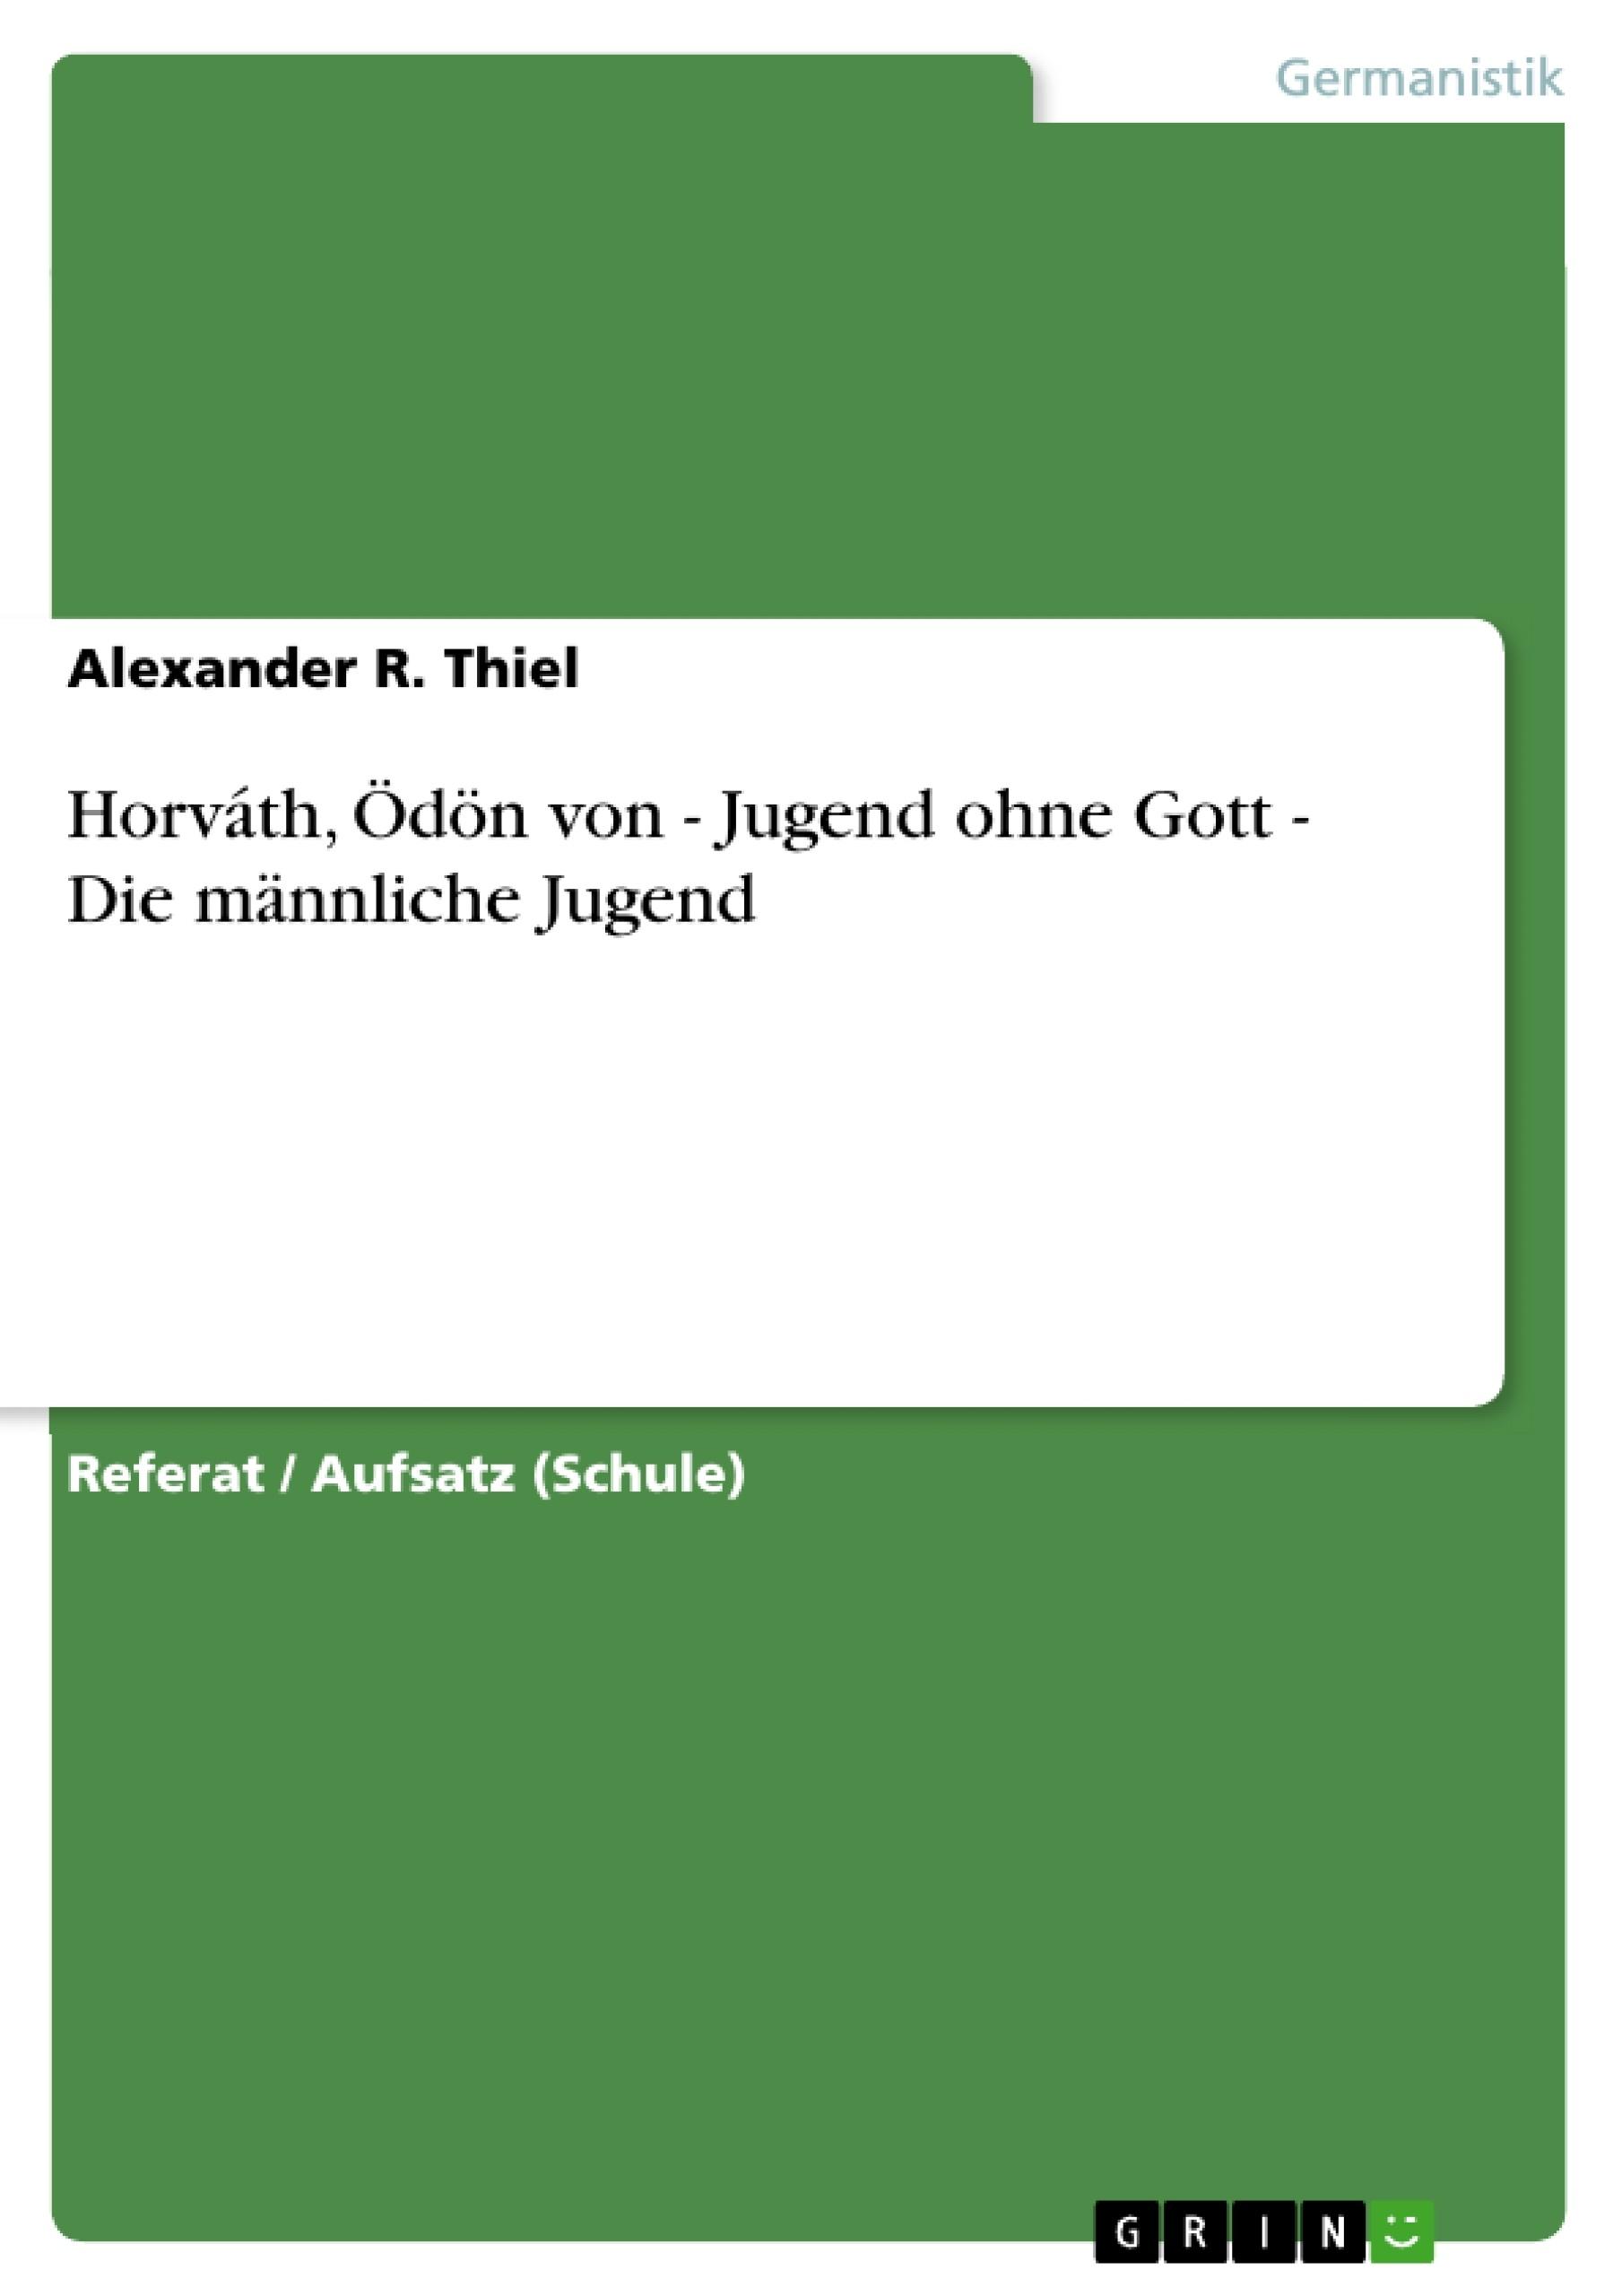 Titel: Horváth, Ödön von - Jugend ohne Gott - Die männliche Jugend